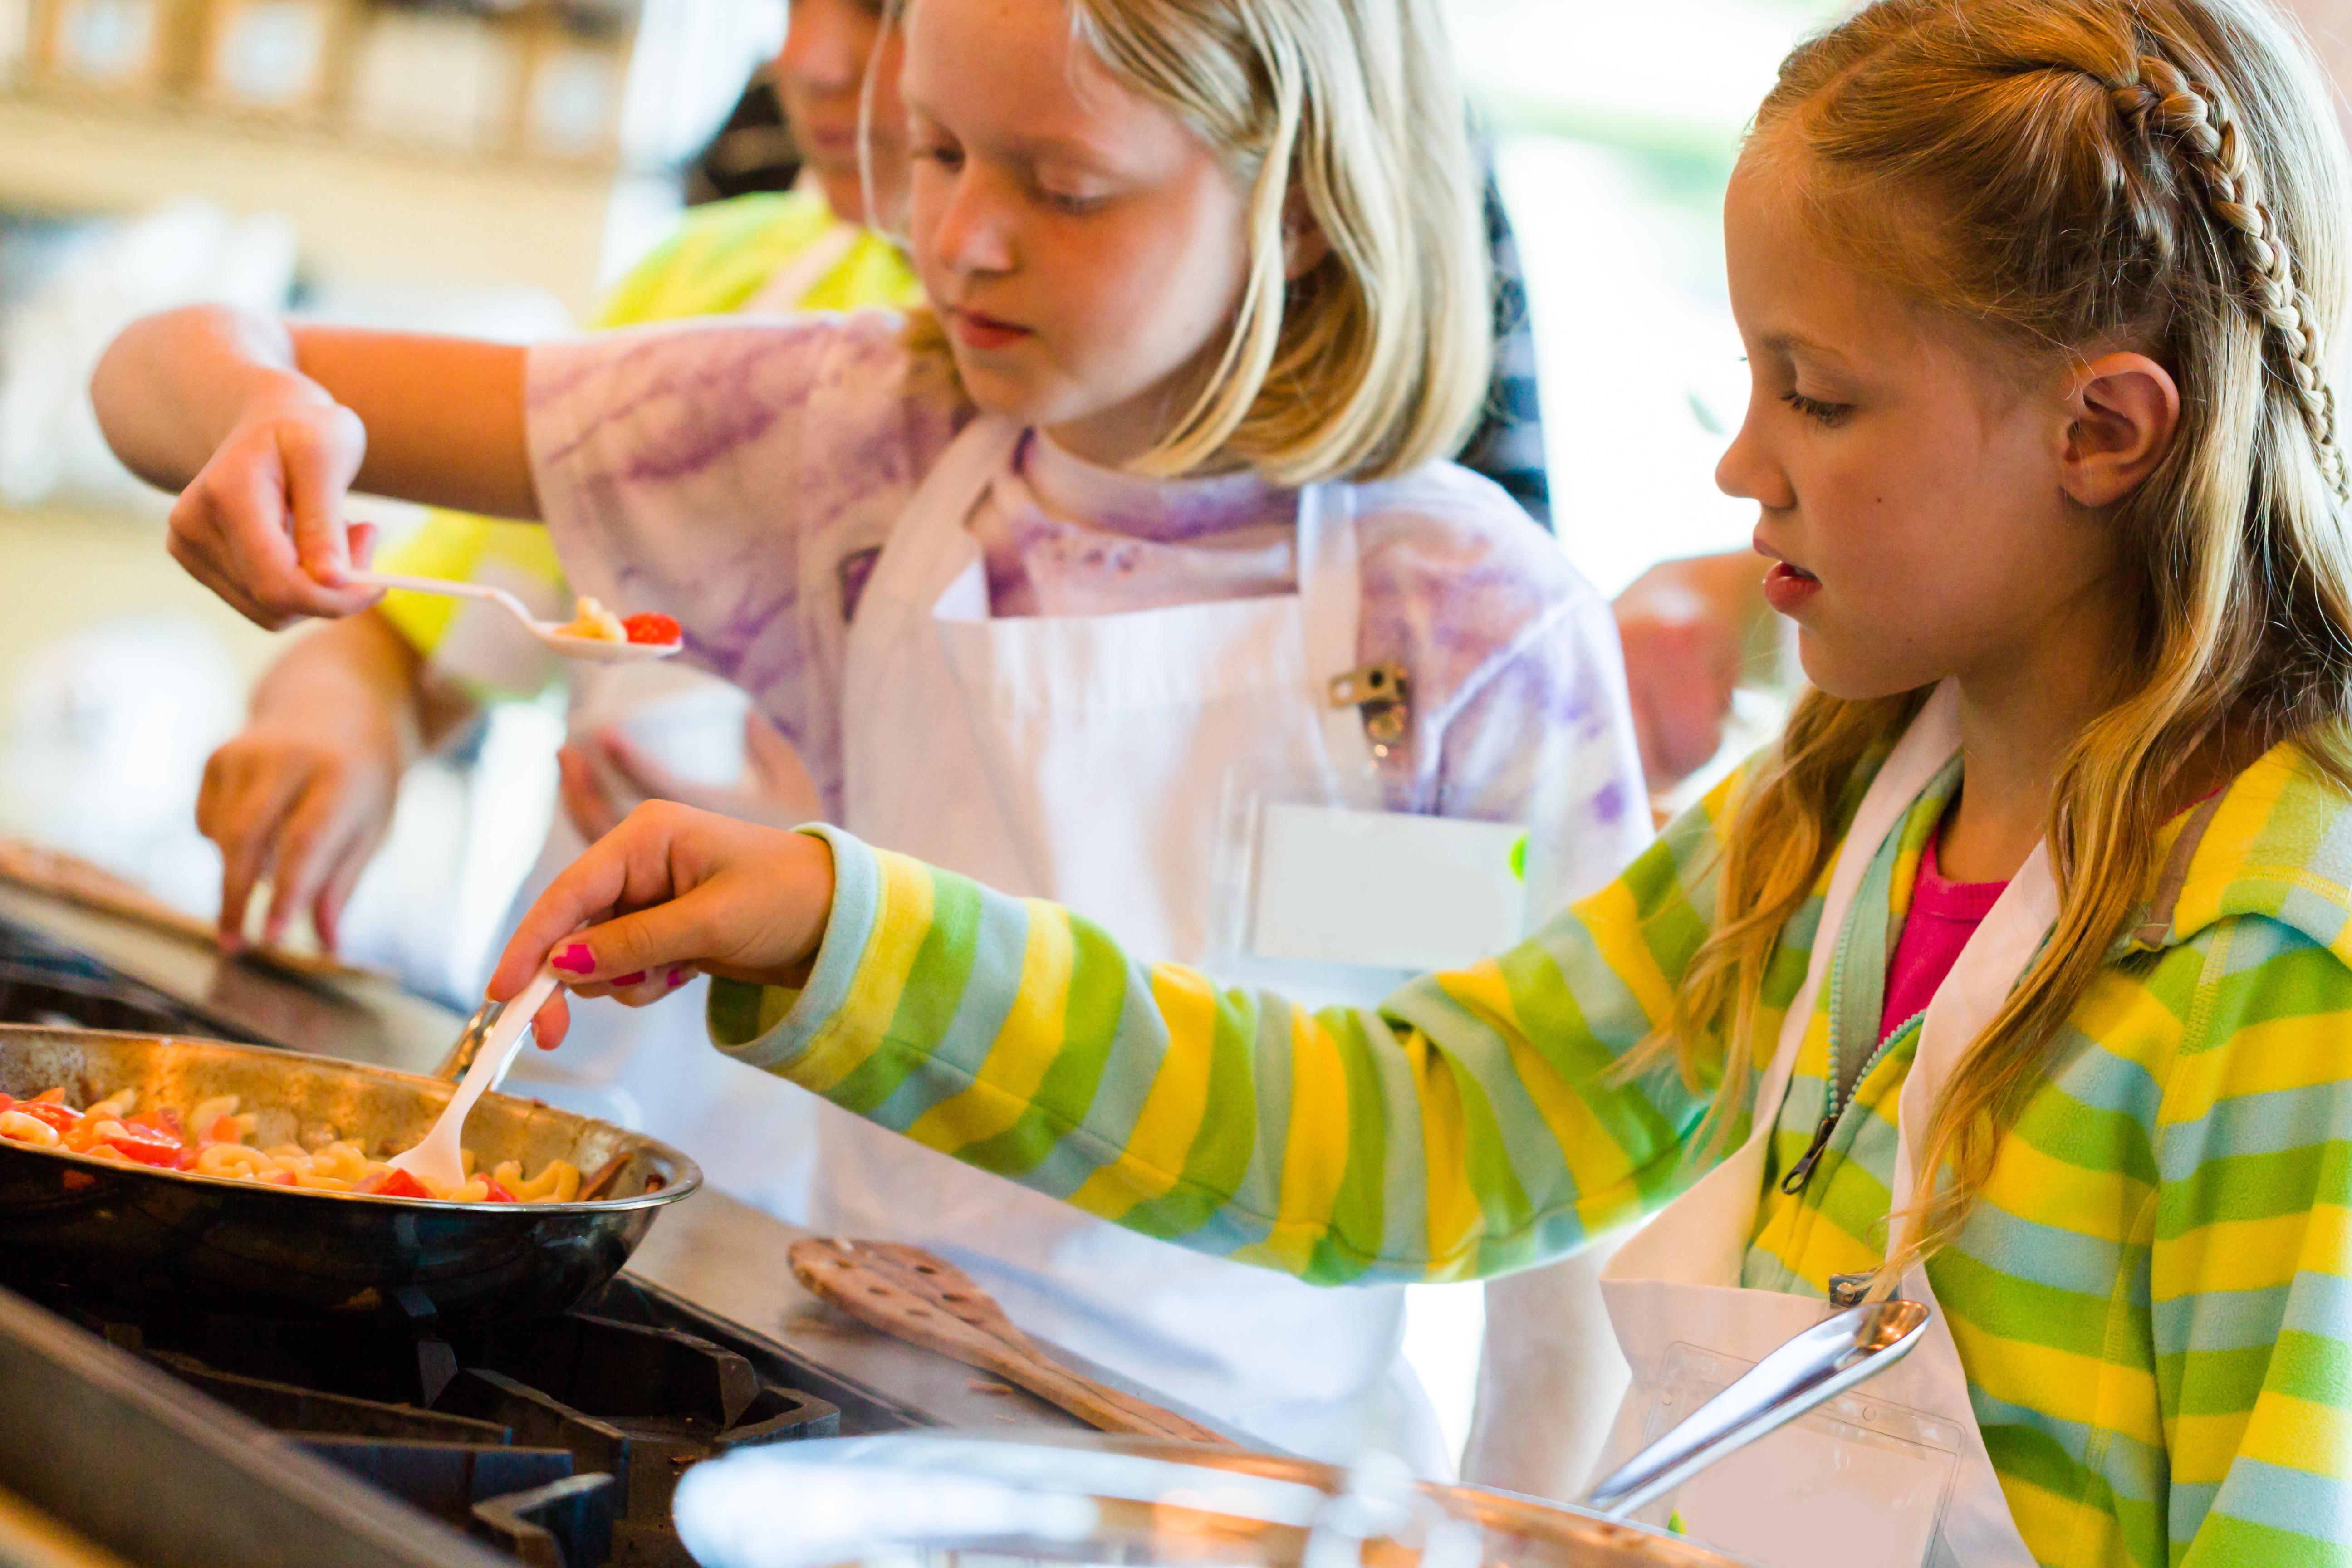 S(n)oepie s(n)oepie: gezond koken kun je leren